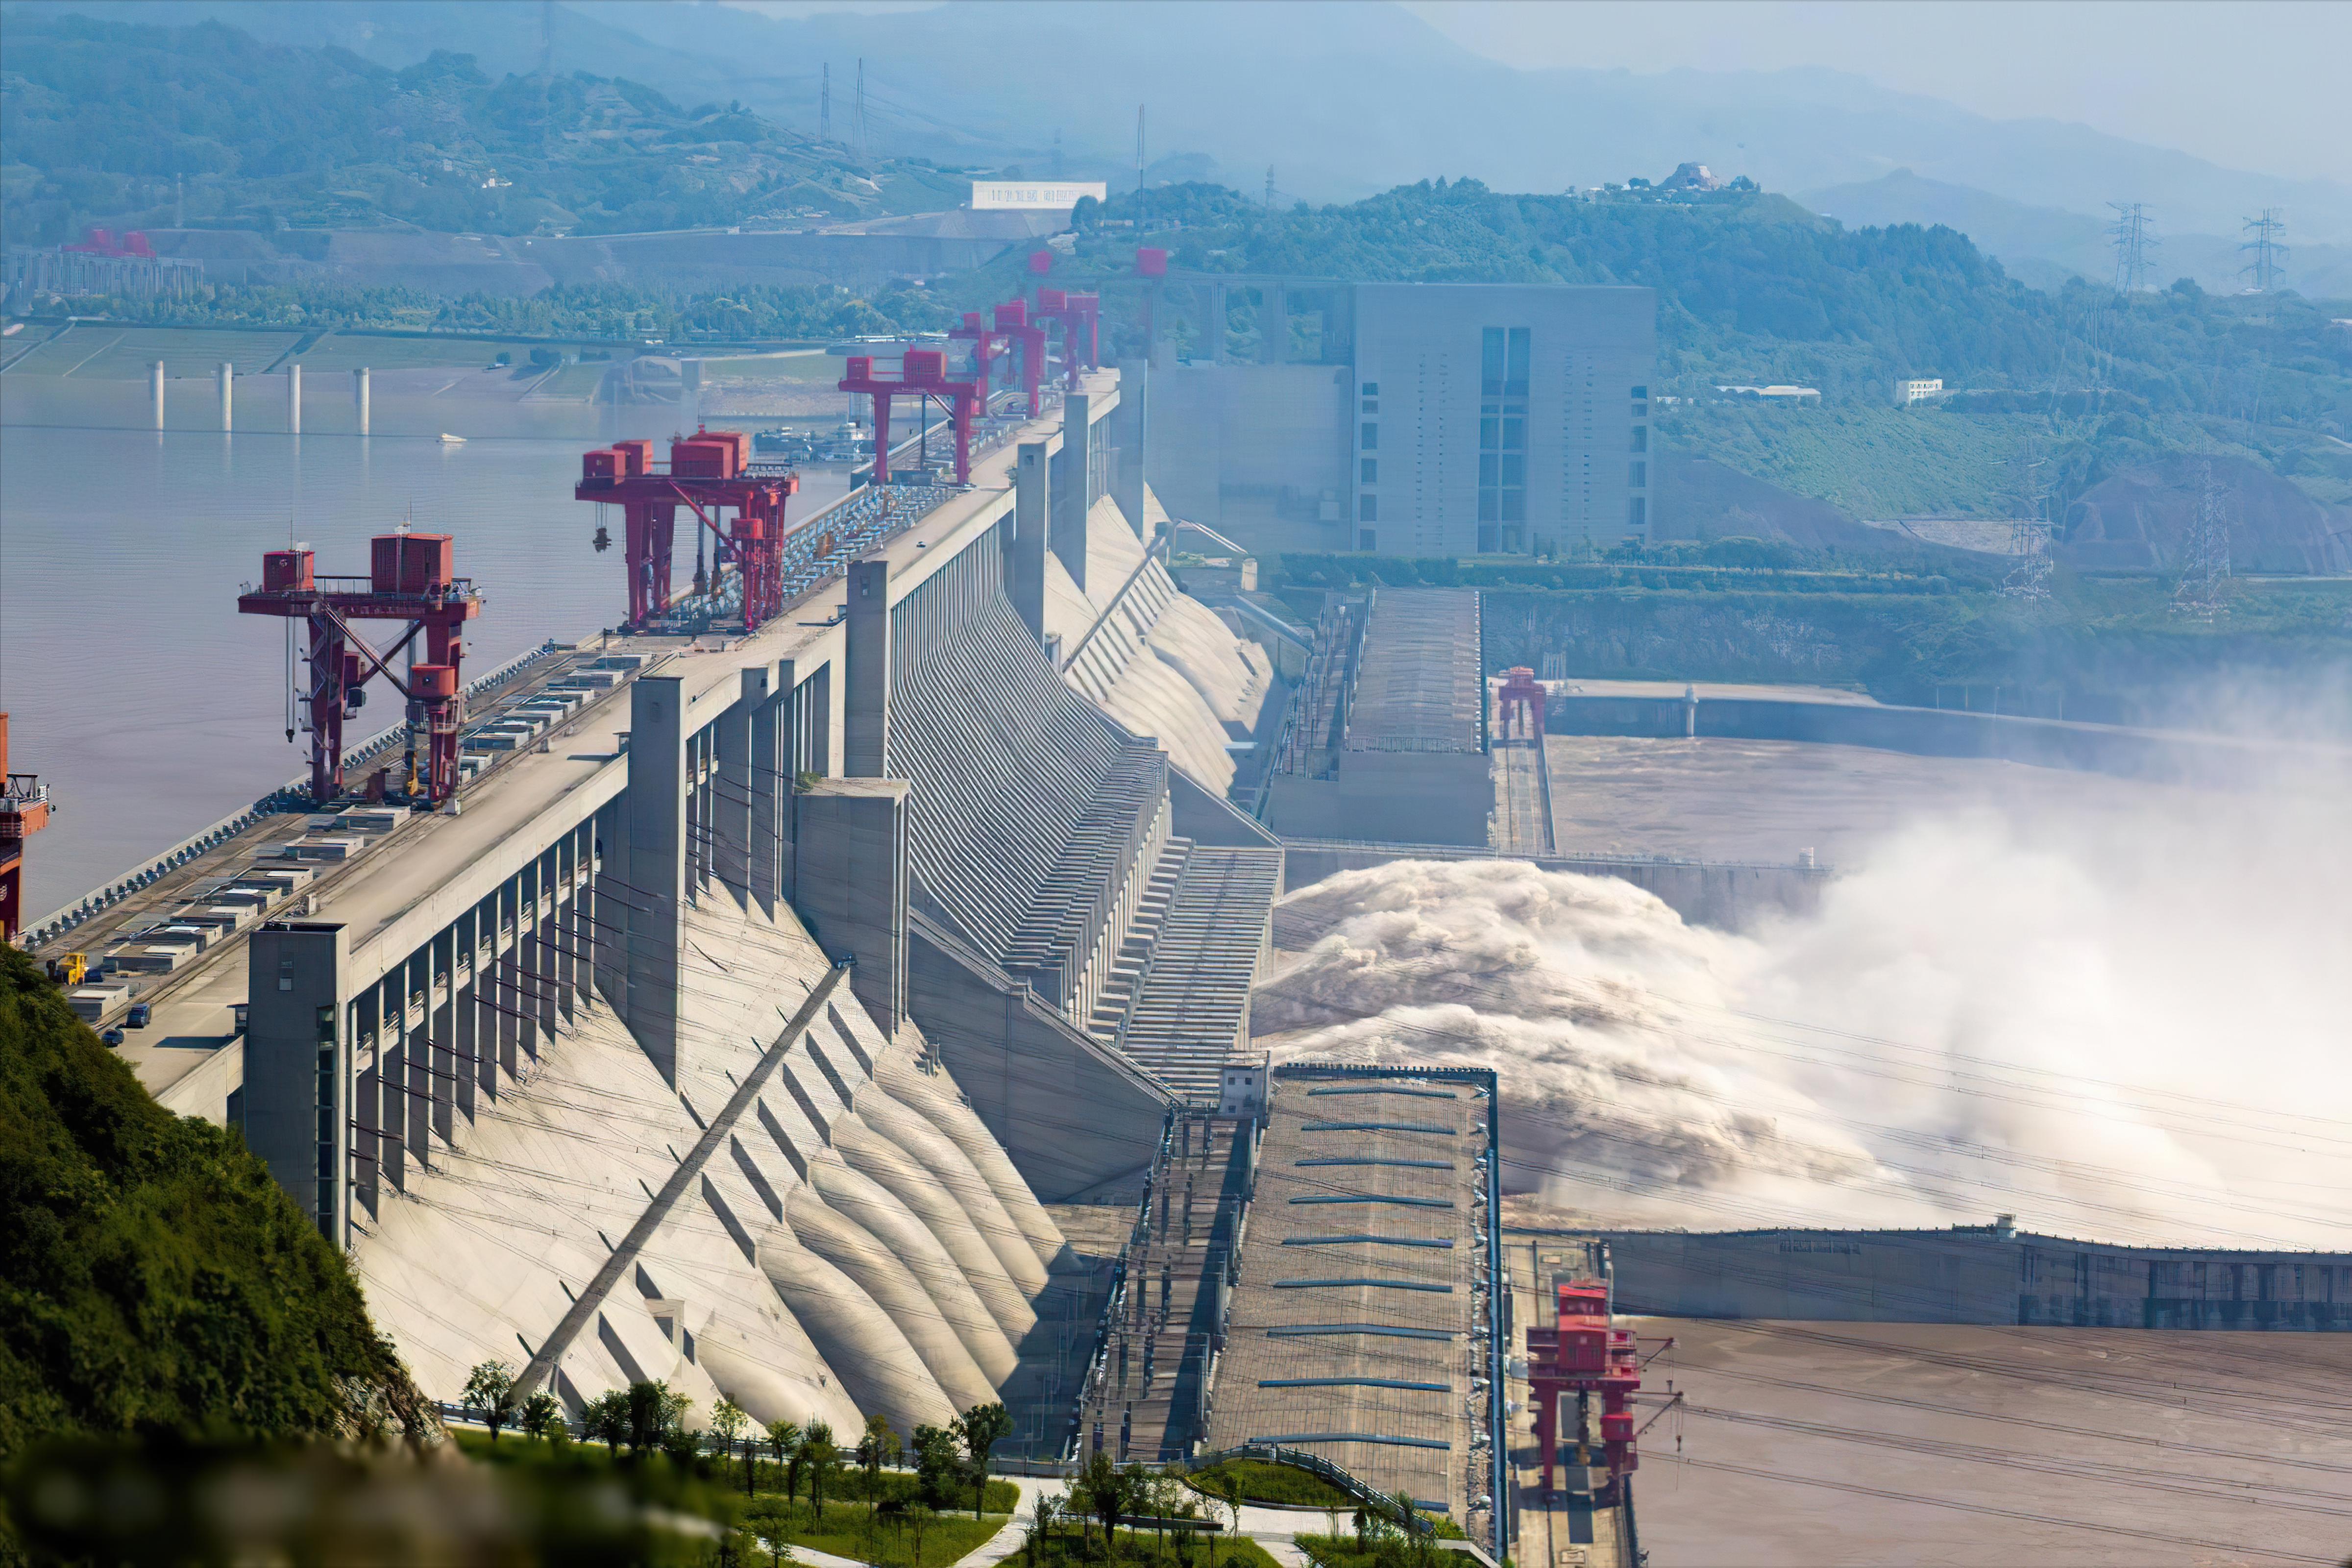 外媒威胁炸毁三峡大坝,可行吗?有多少军事力量在保护三峡?